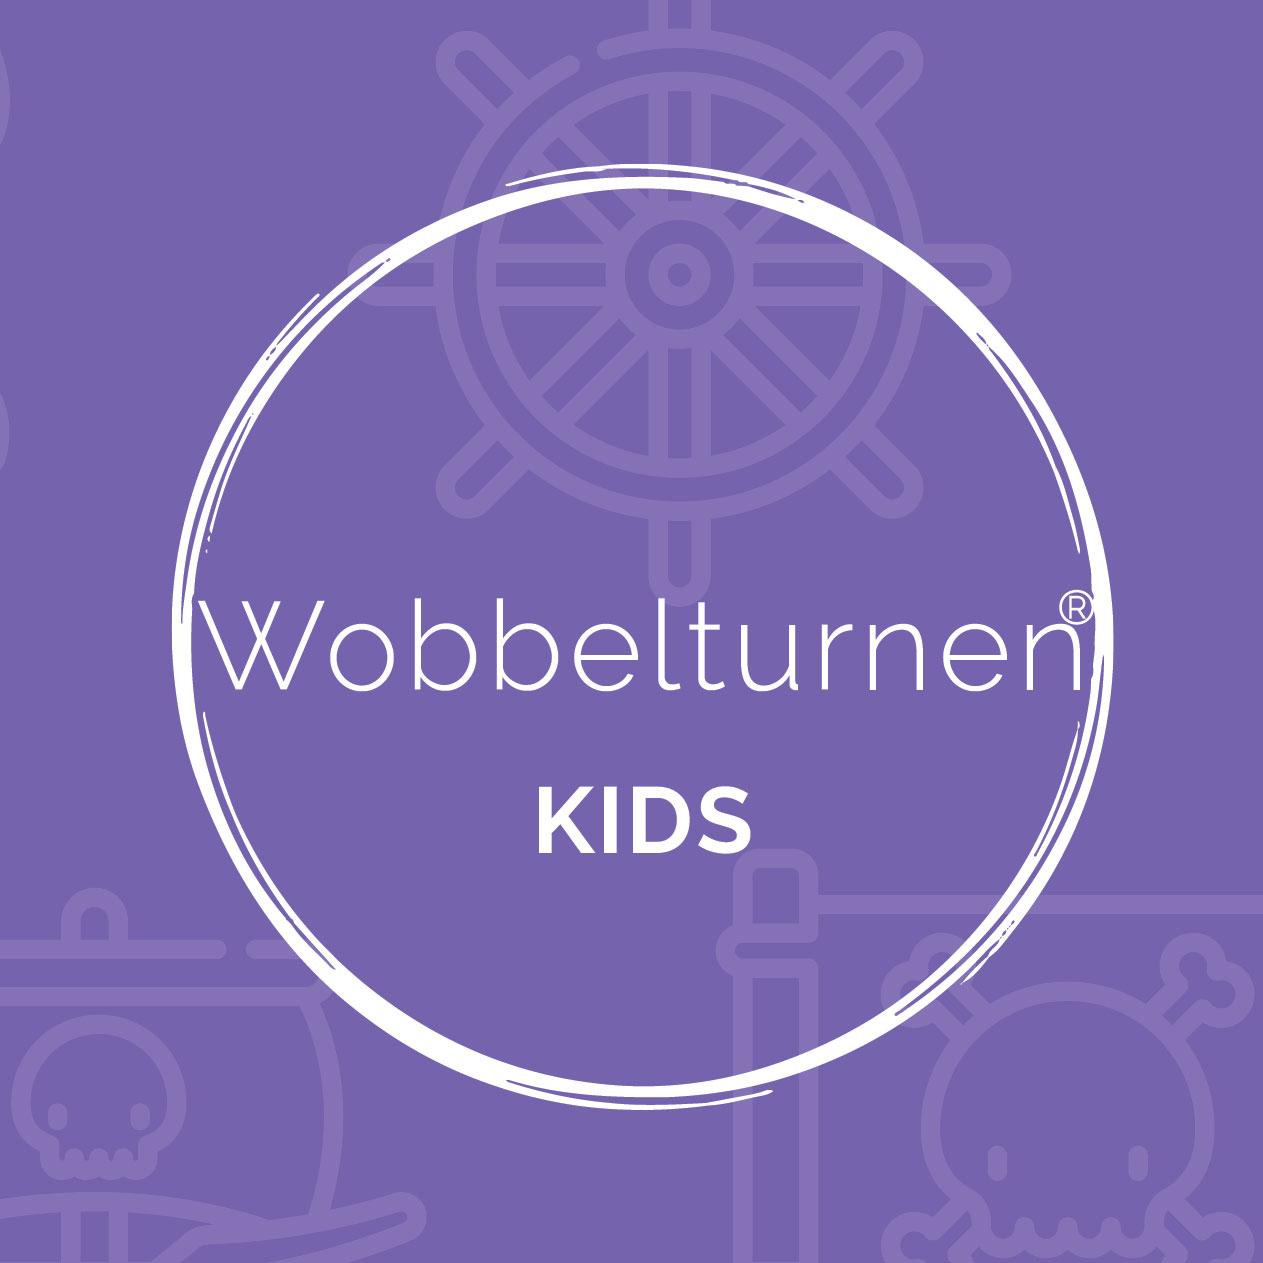 Wobbelturnen-logo